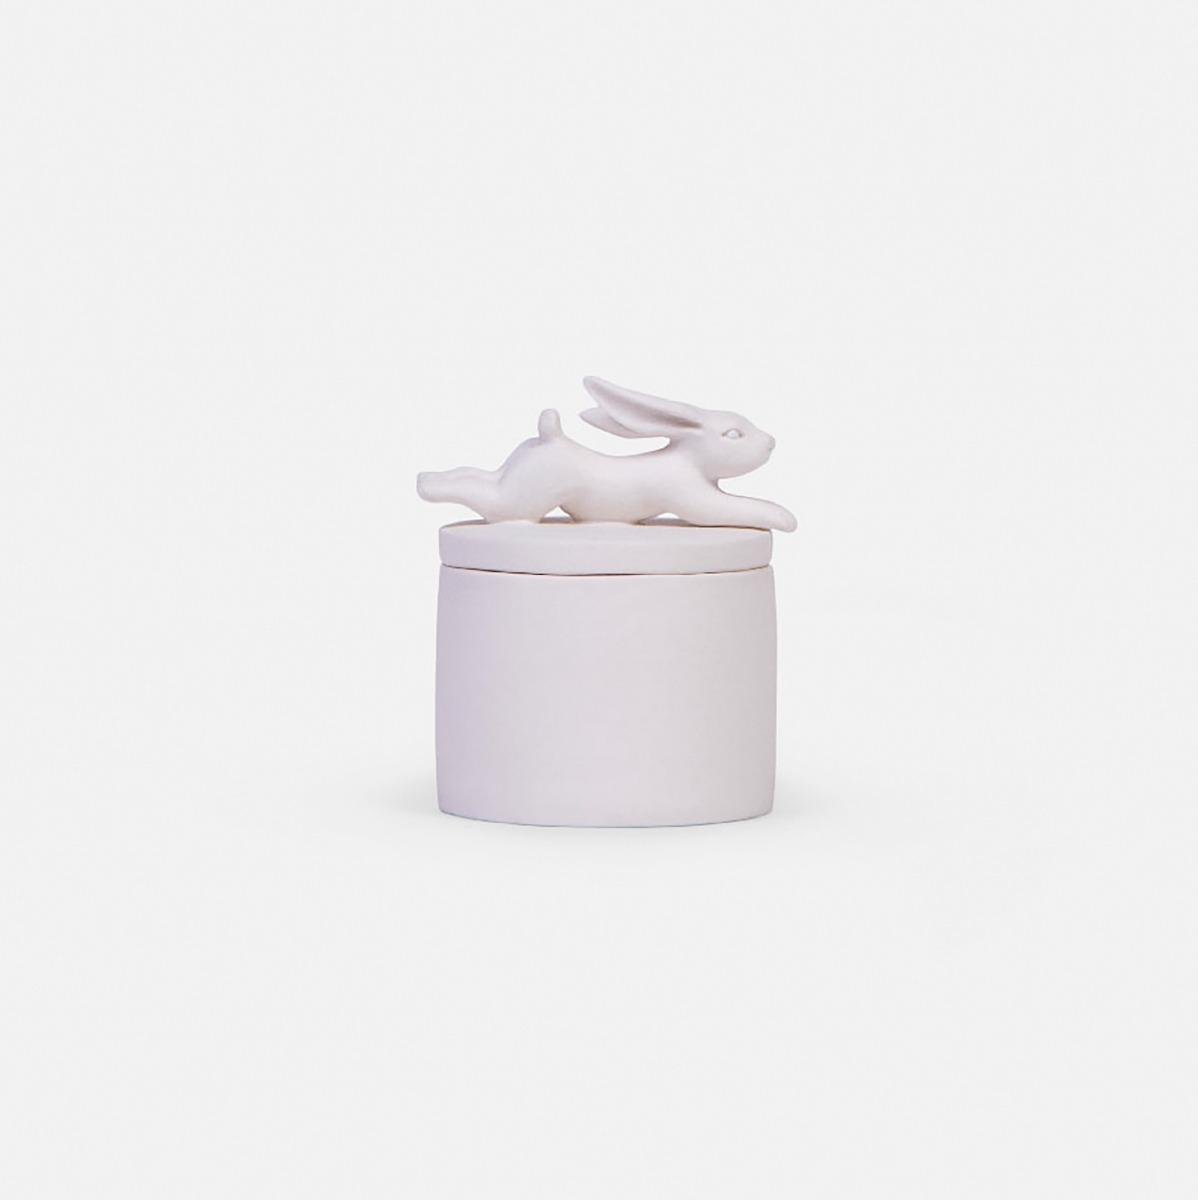 Caja de porcelana #2